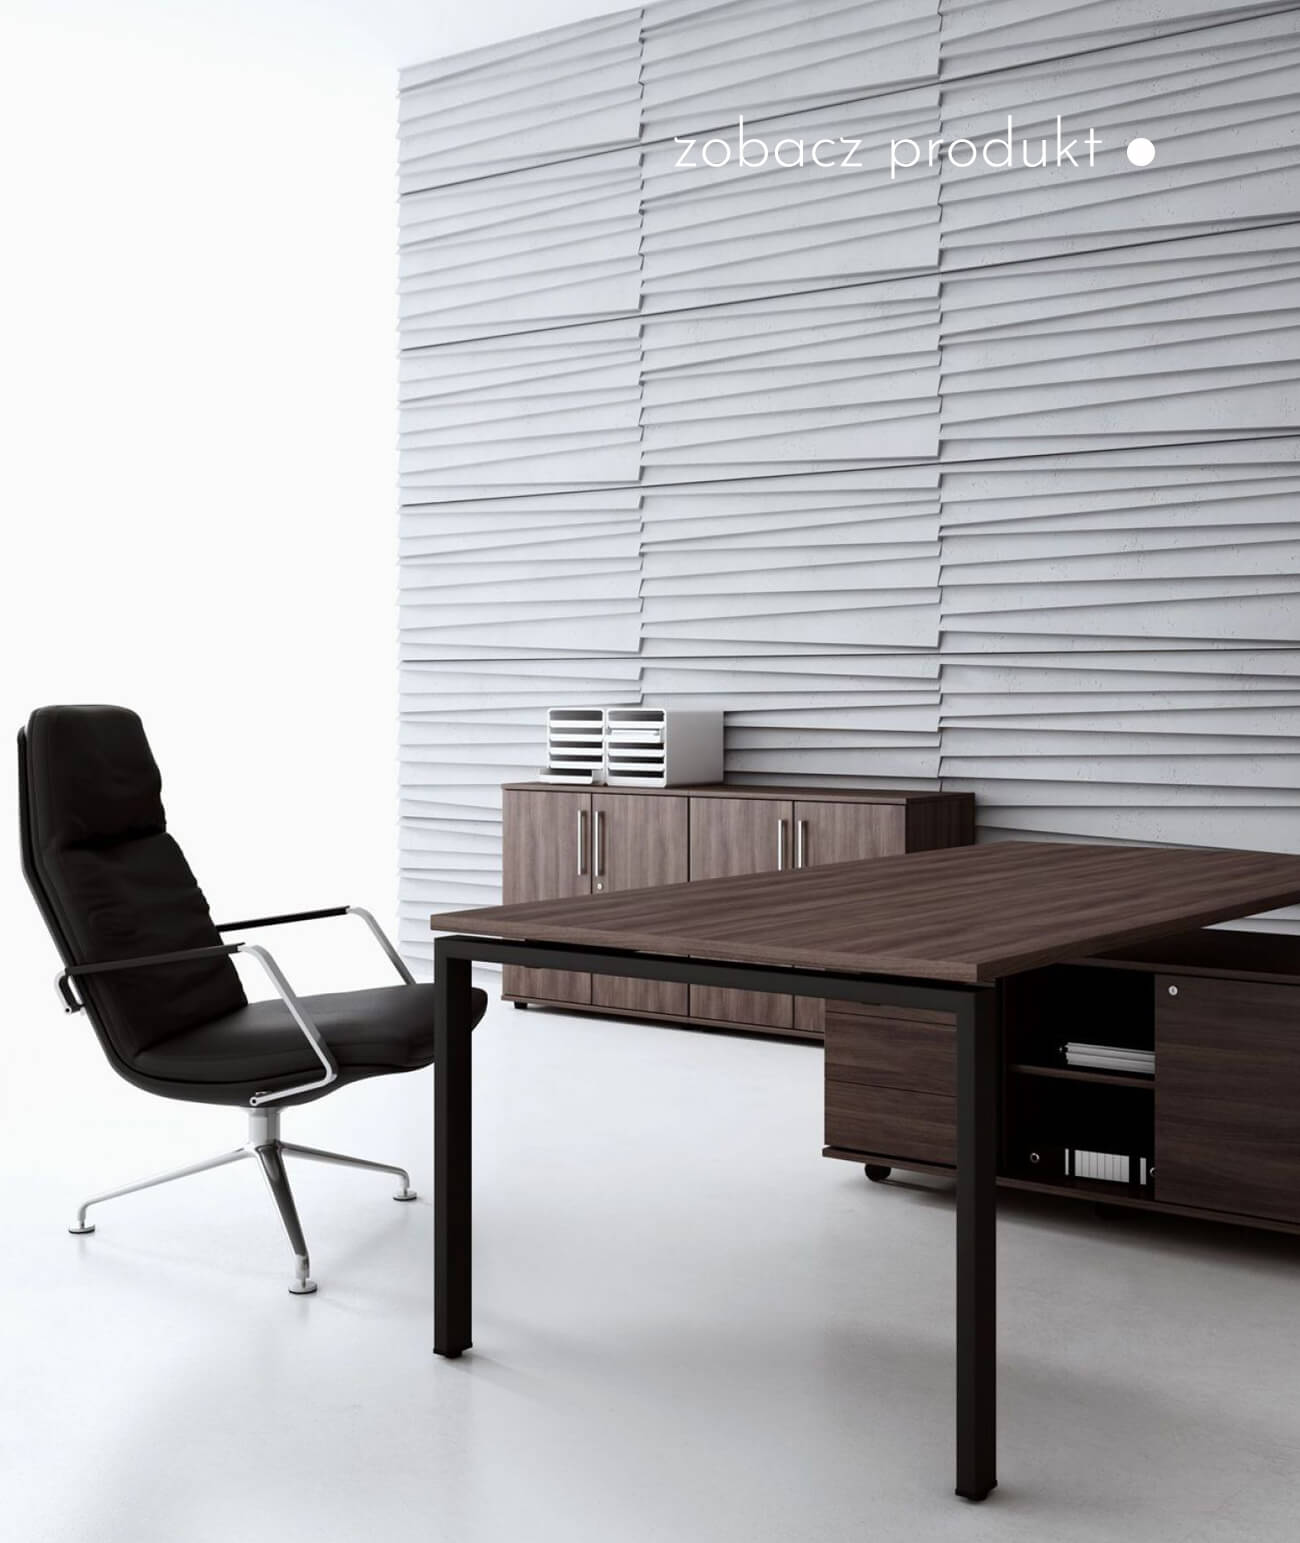 panele-betonowe-3d-scienne-i-elewacyjne-beton-architektoniczny_311-1610-pb04-b1-siwo-bialy-zaluzje---panel-dekor-3d-beton-architektoniczny-panel-scienny